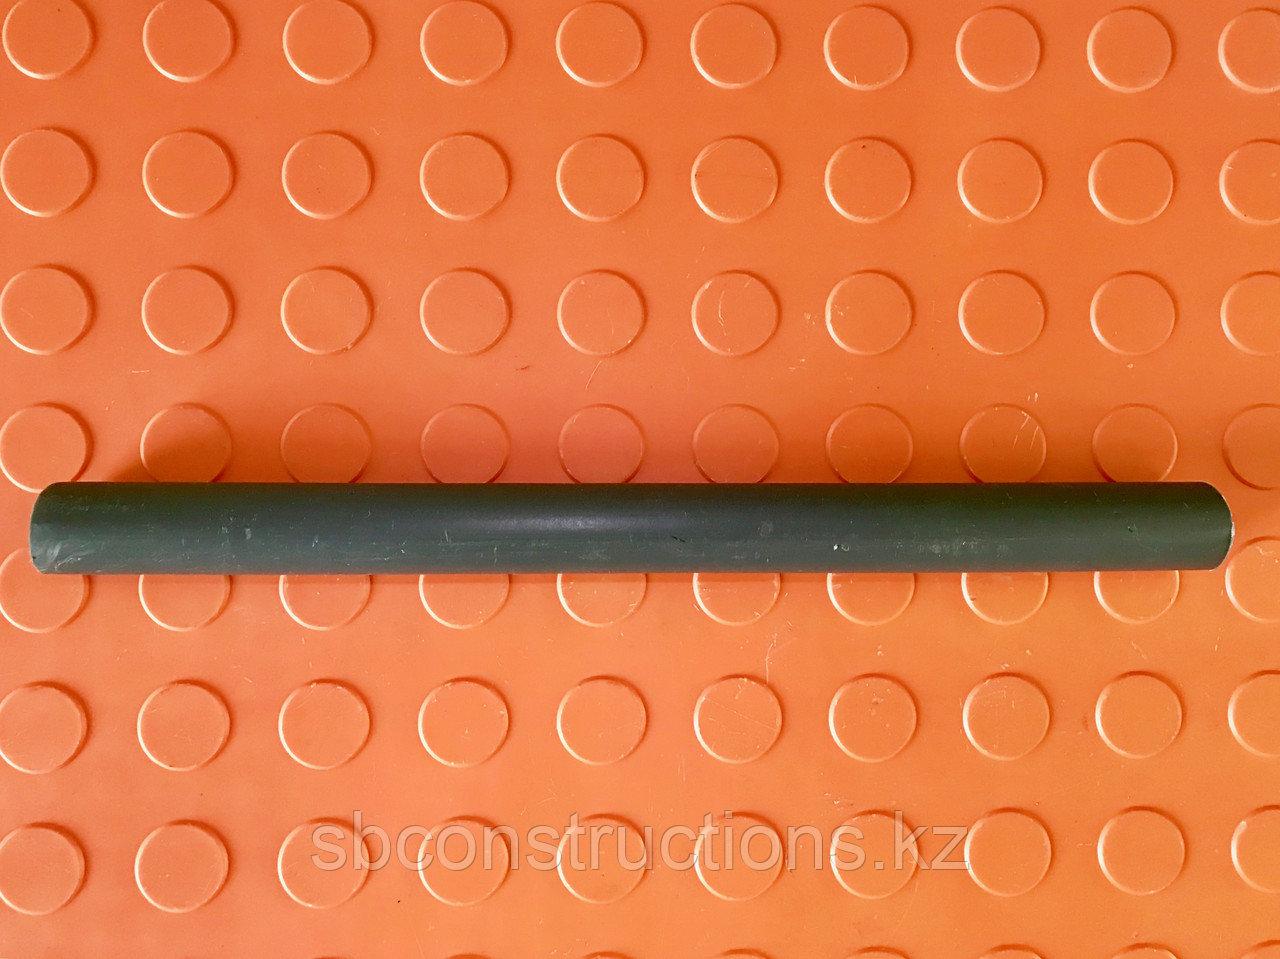 Трубка ПВХ тайрот для опалубки(стяжной винт, анкерный болт)